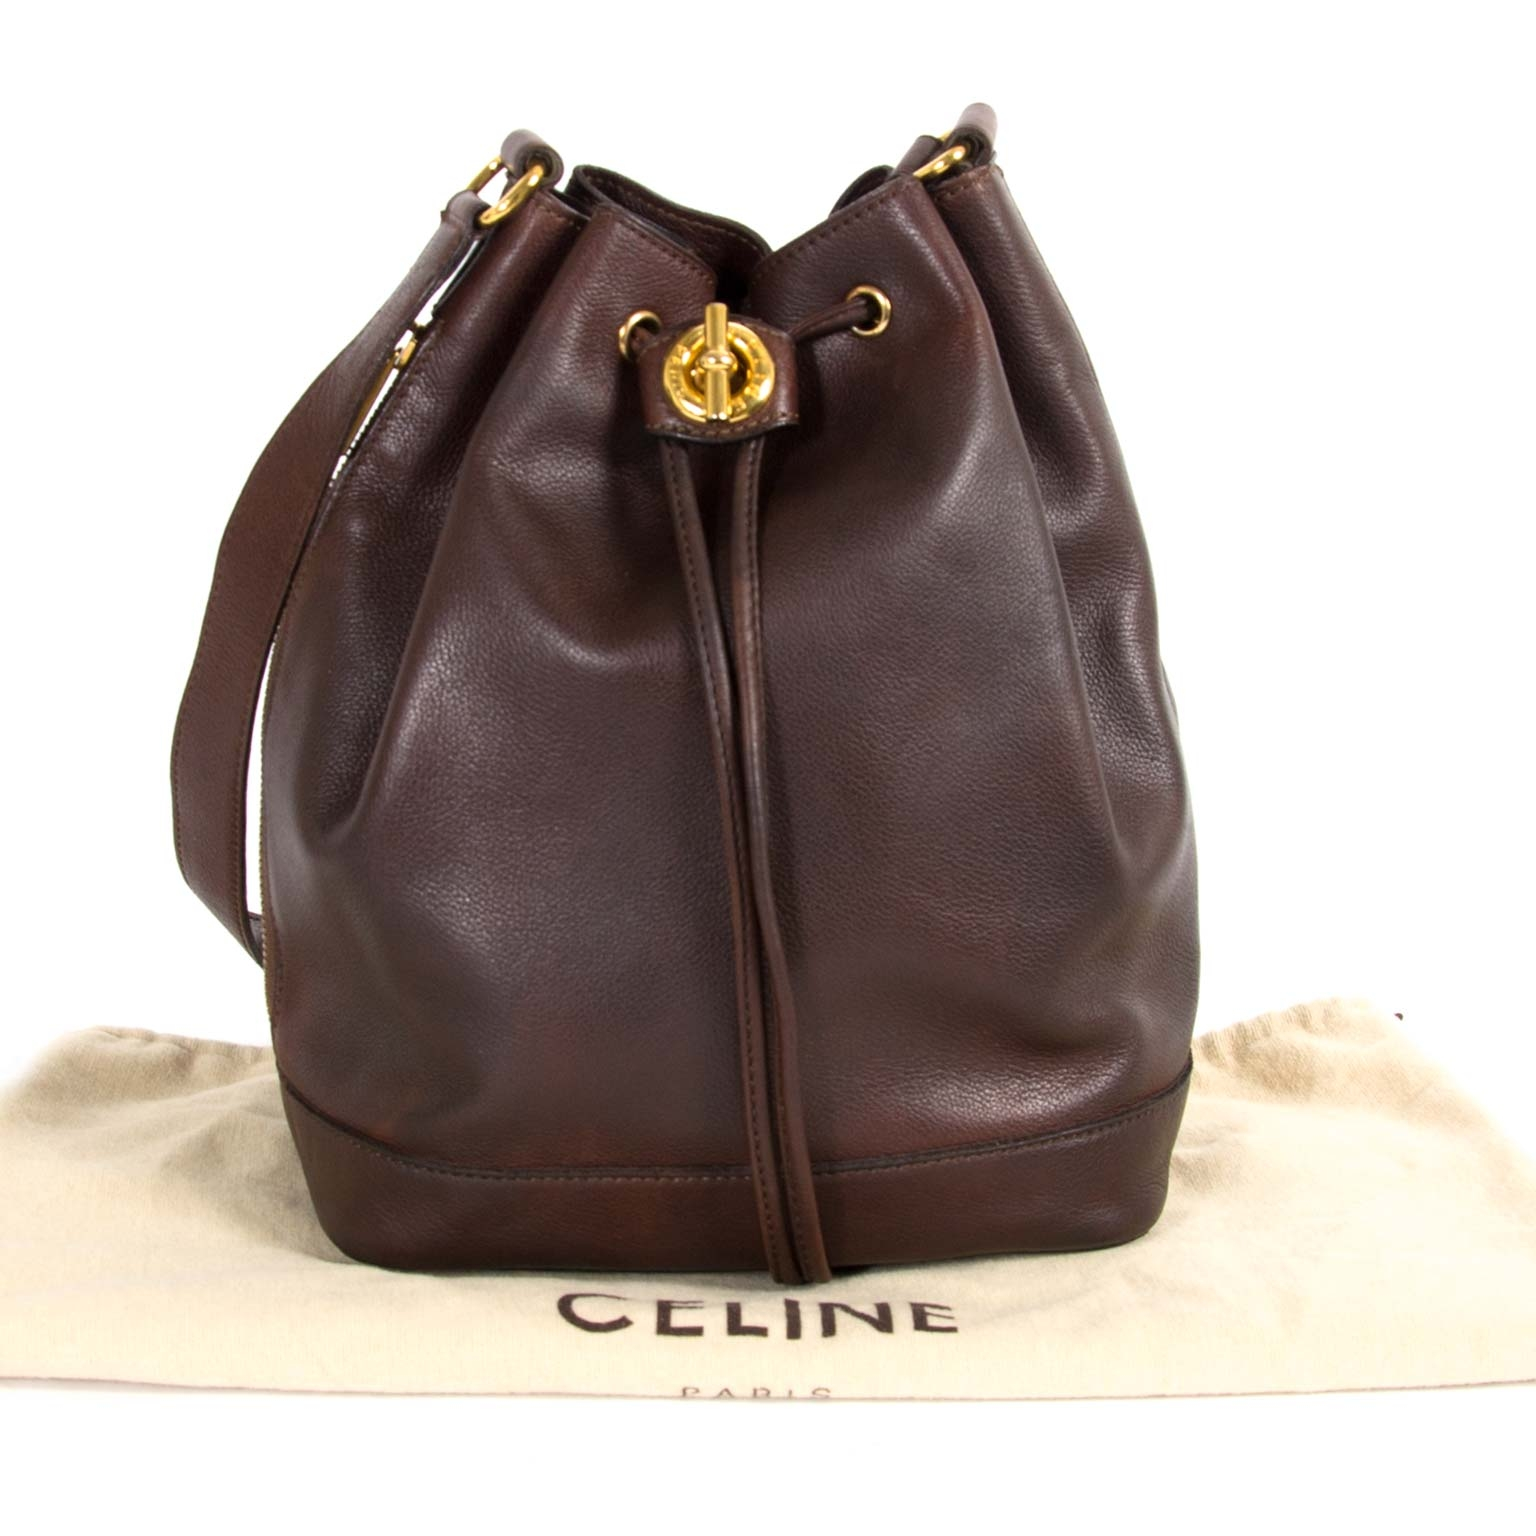 Celine Vintage Brown Bucket Bag veilig online aankopen tegen de beste prijs